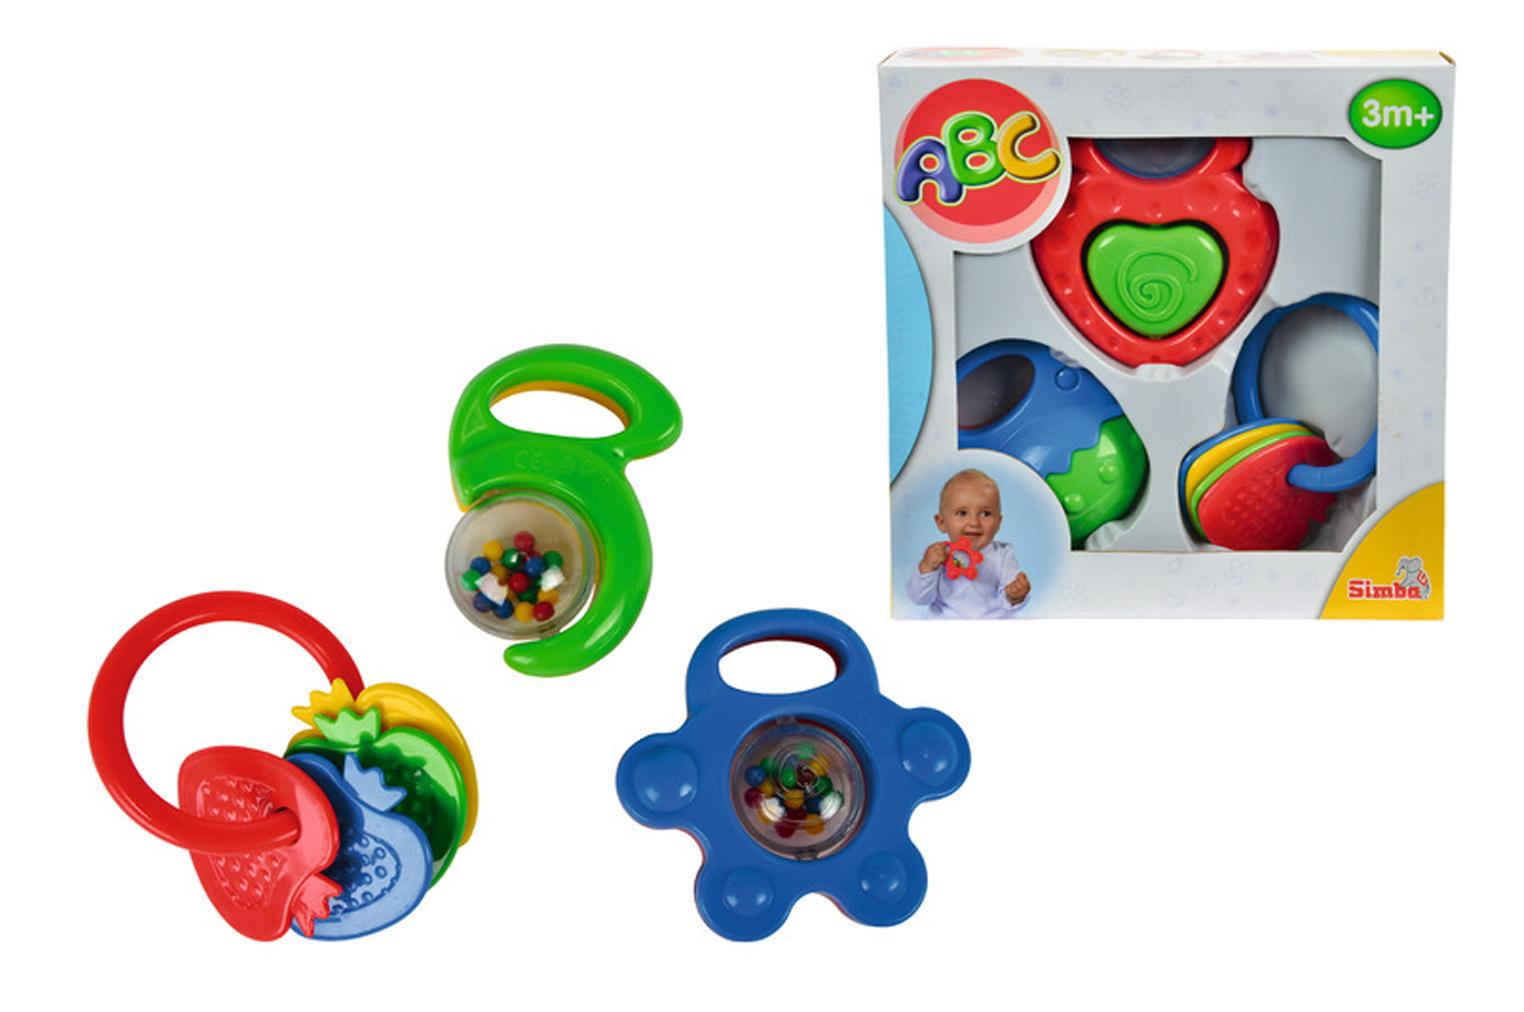 Набор погремушек, 3 шт.Детские погремушки и подвесные игрушки на кроватку<br>Набор погремушек, 3 шт.<br>